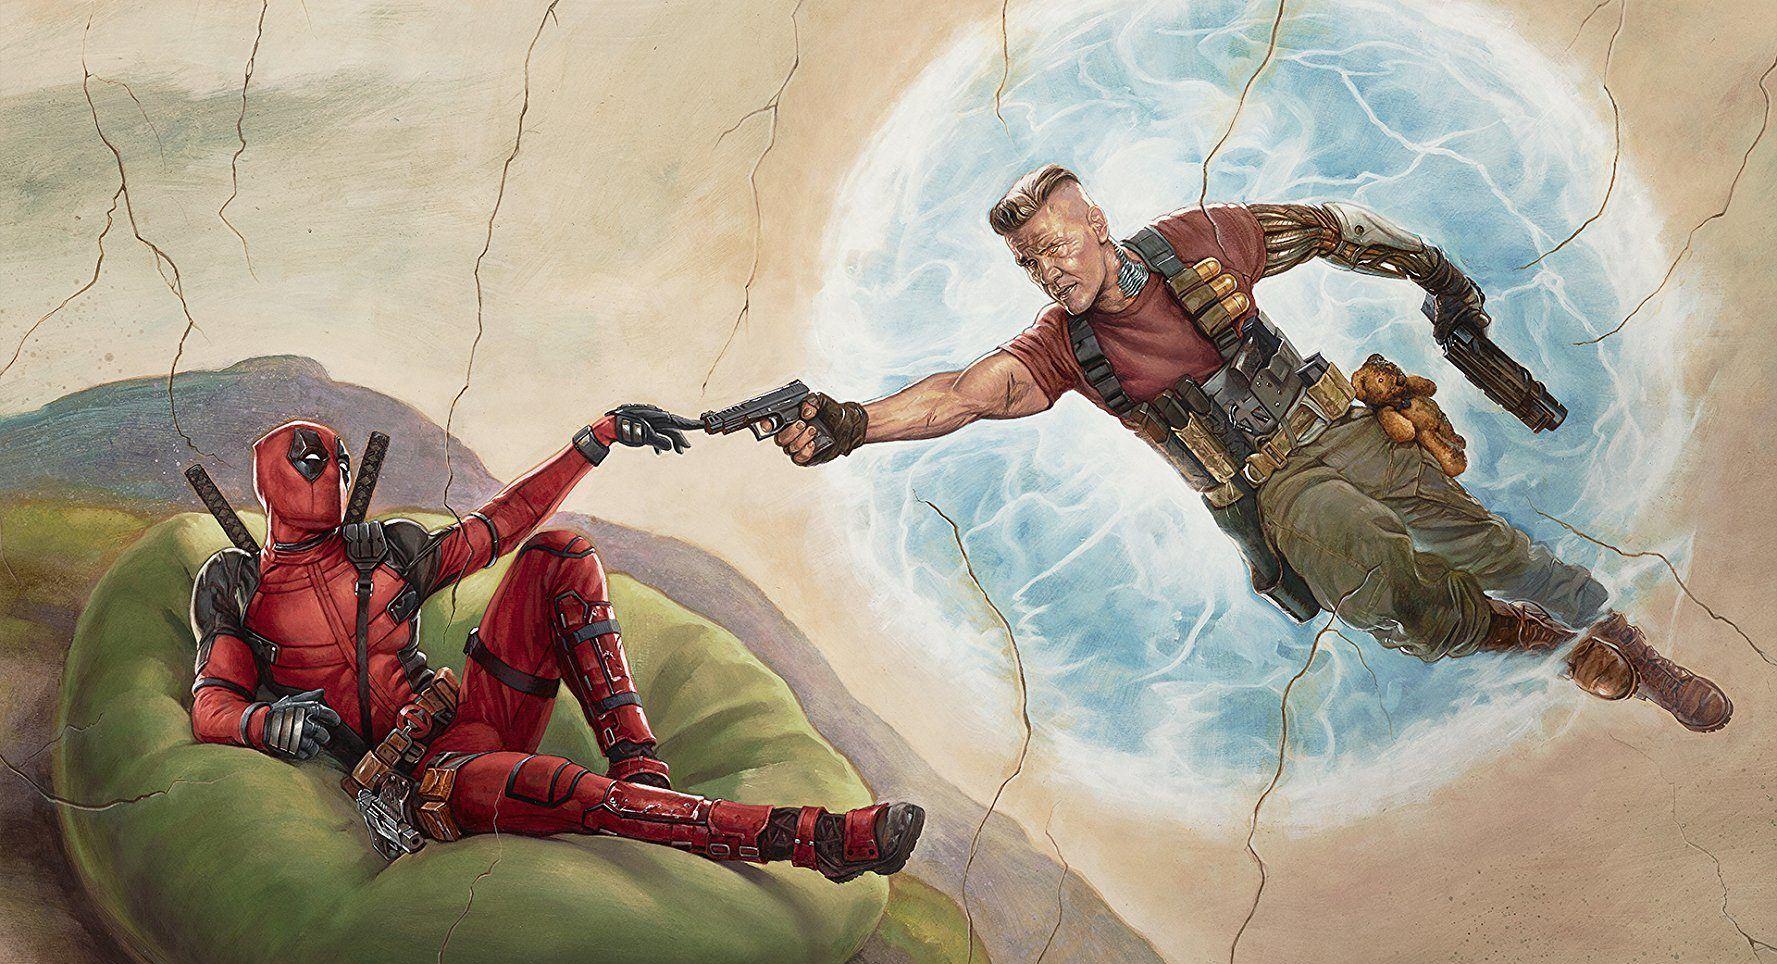 Deadpool 2, Os Incríveis 2, Venom, Missão: Impossível e outros Trailers da Semana